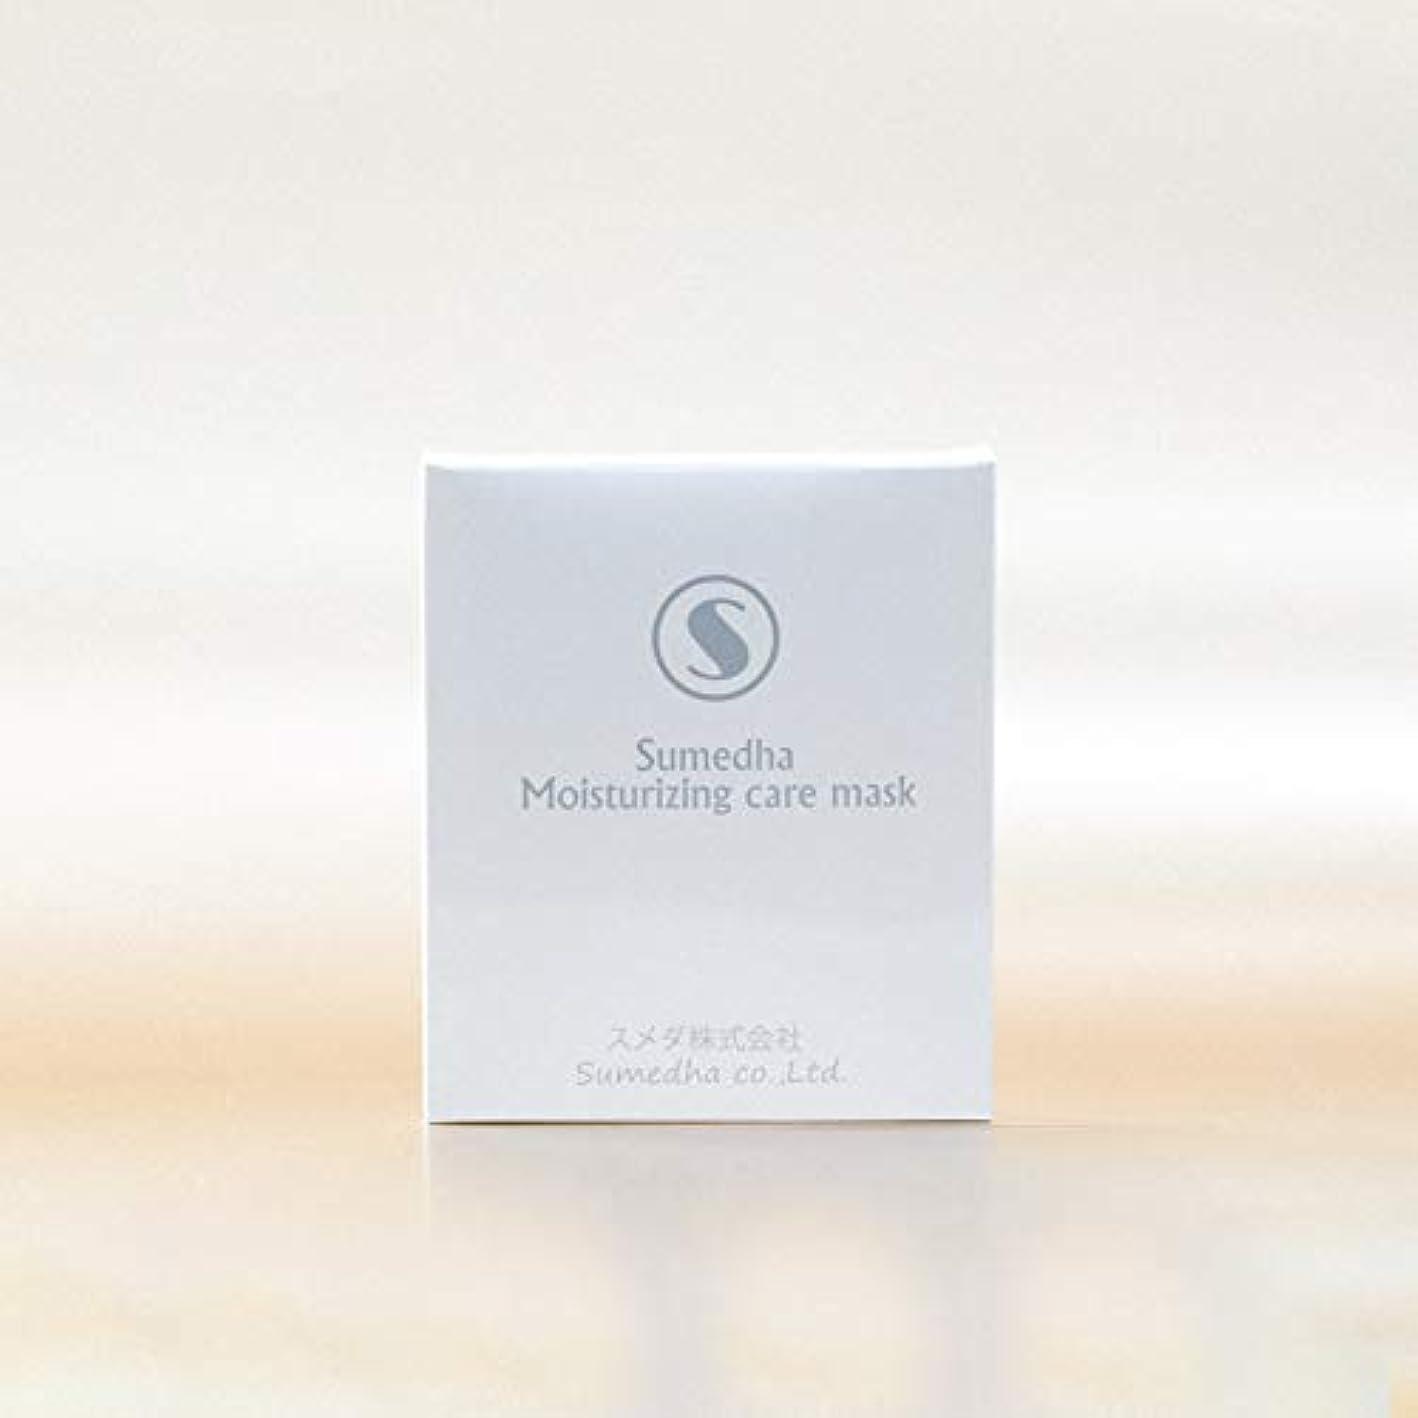 ピアース急いで虫を数えるフェイスマスク Sumedha パック 保湿マスク 日本製 マスク フェイスパック 3枚入り 美白 美容 アンチセンシティブ 角質層修復 保湿 補水 敏感肌 発赤 アレルギー緩和 コーセー (超保湿)